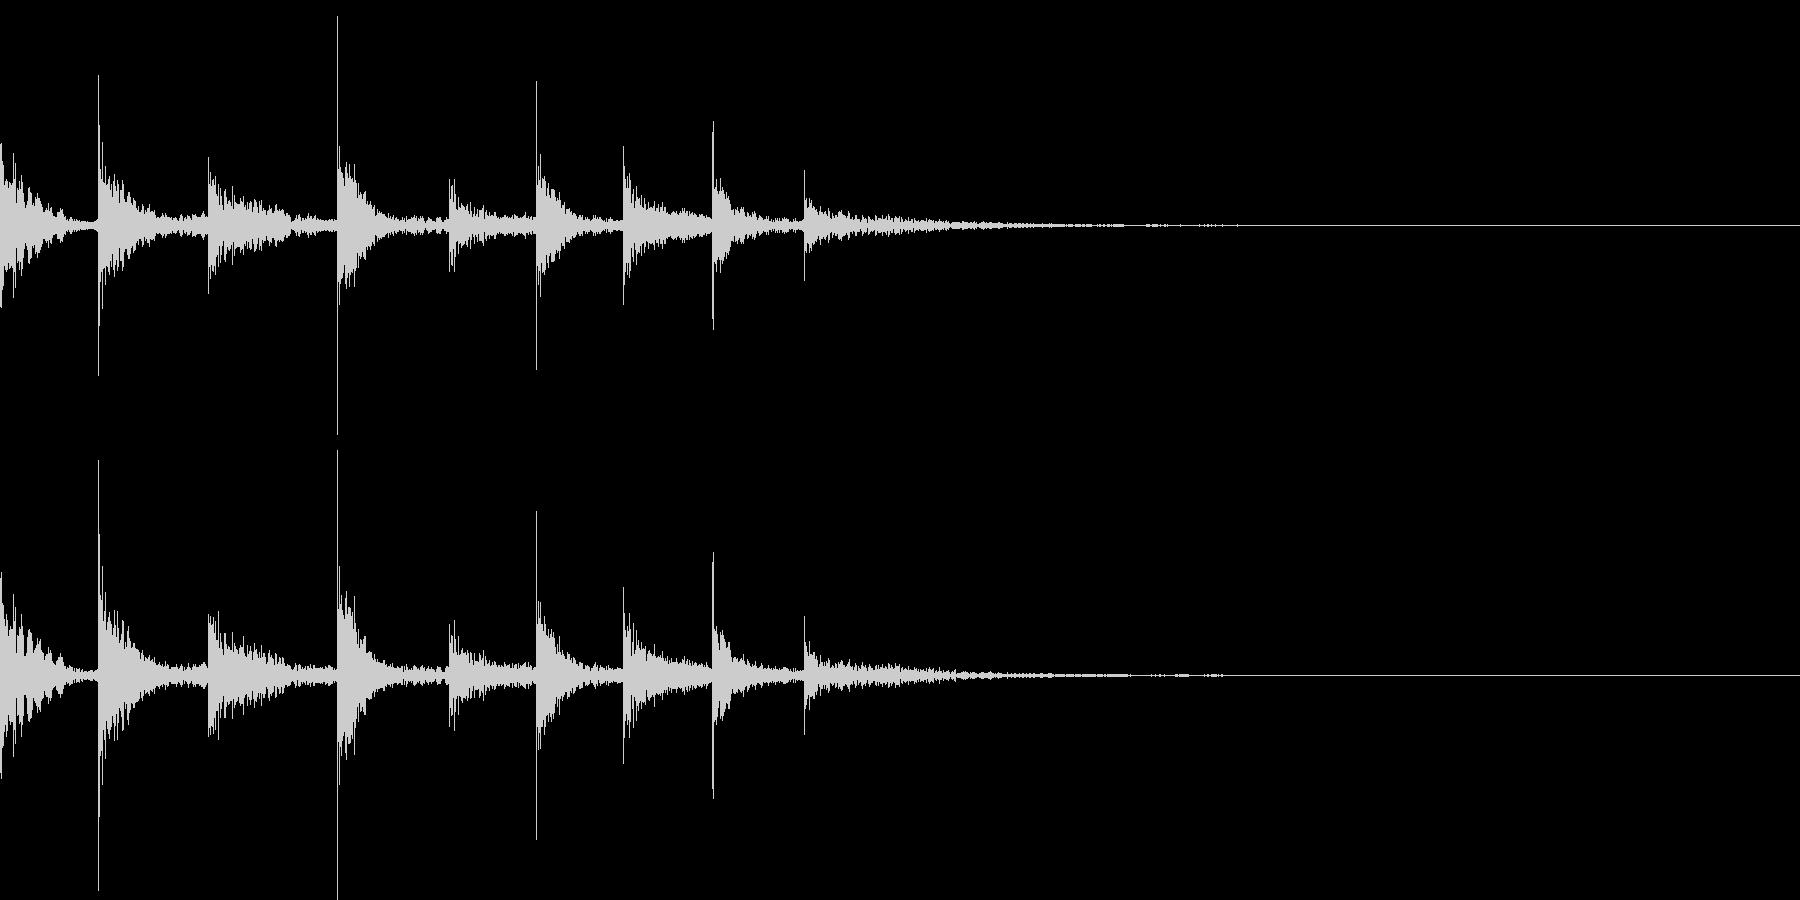 フレクサトーンの音の未再生の波形